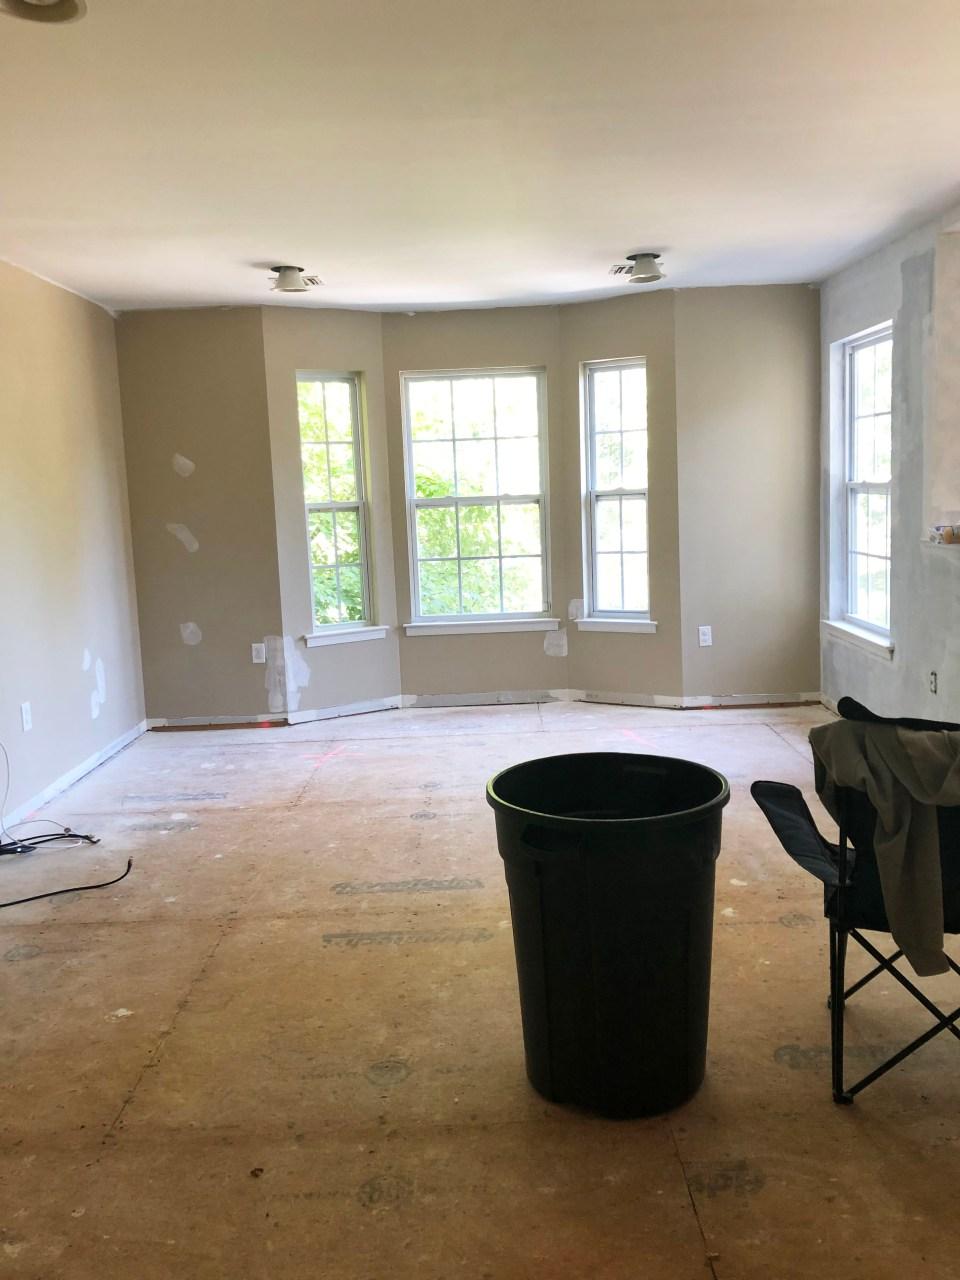 Living Room Update 4